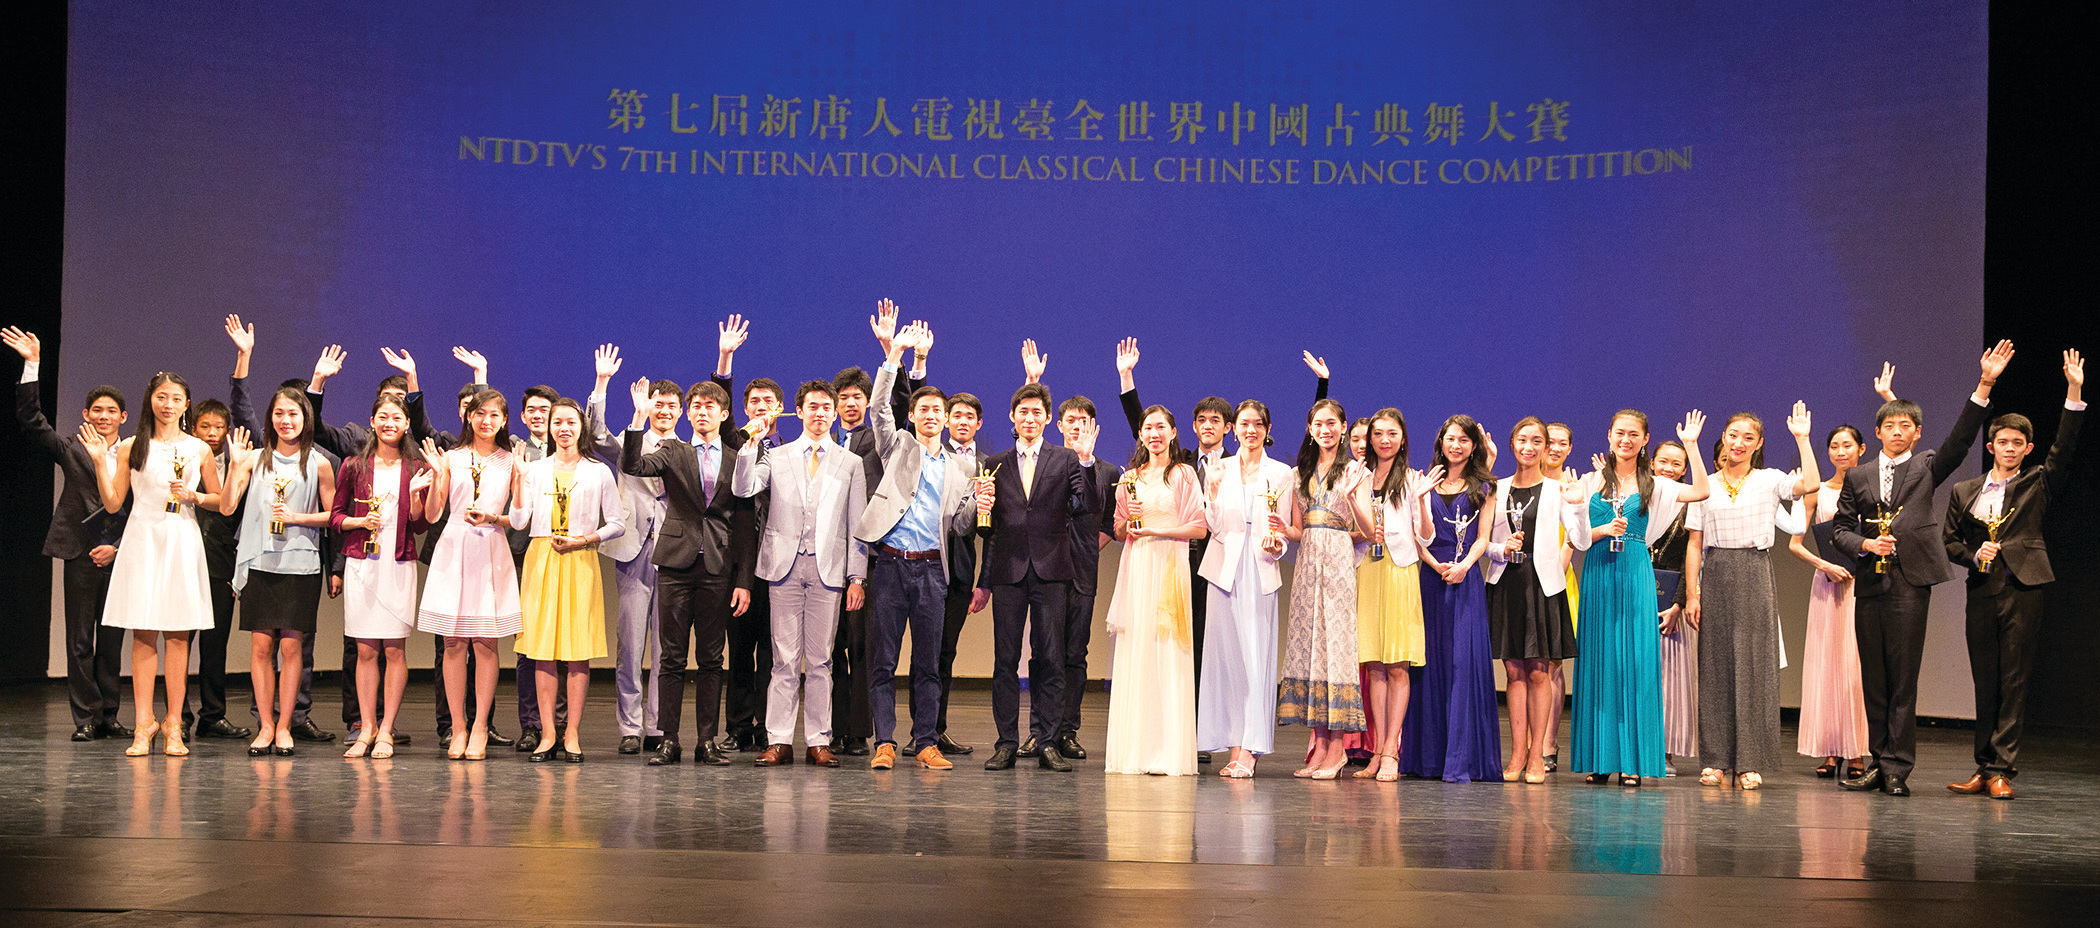 第七屆新唐人電視台全世界中國古典舞大賽頒獎典禮10月21日在紐約舉行。圖為獲獎選手。(戴兵/大紀元)